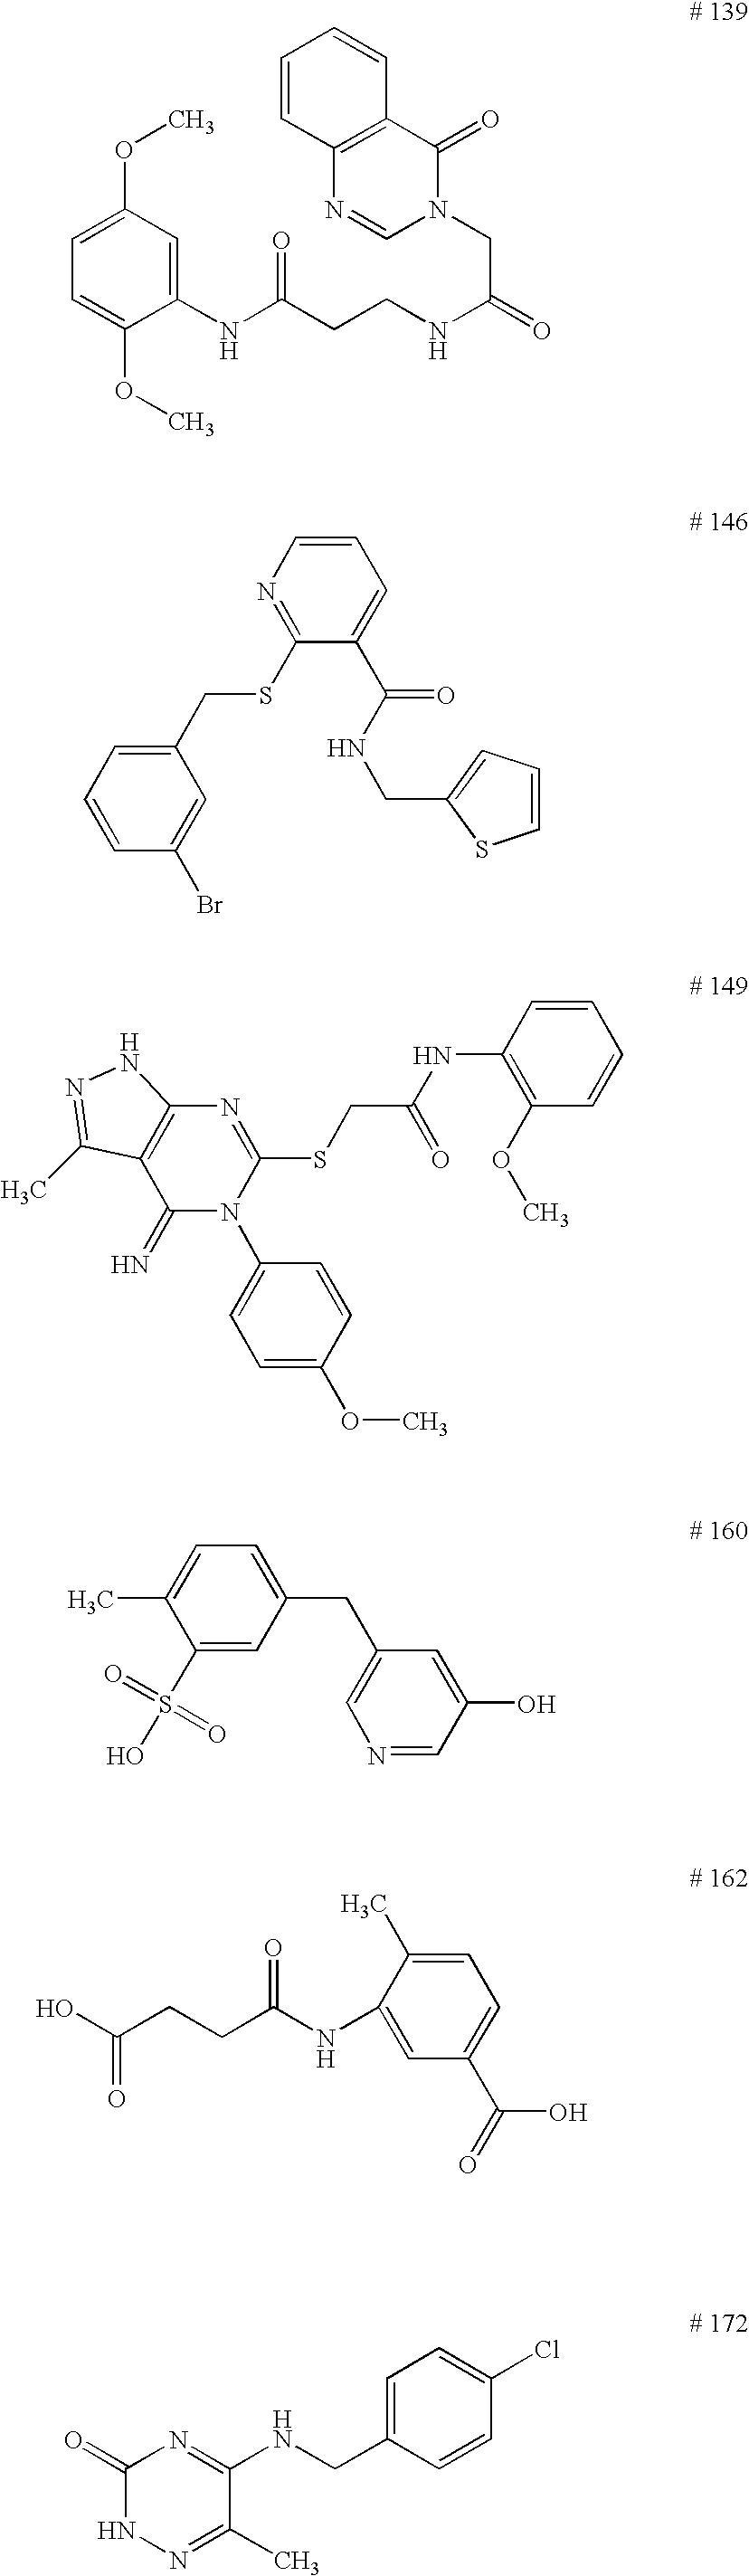 Figure US20070196395A1-20070823-C00164